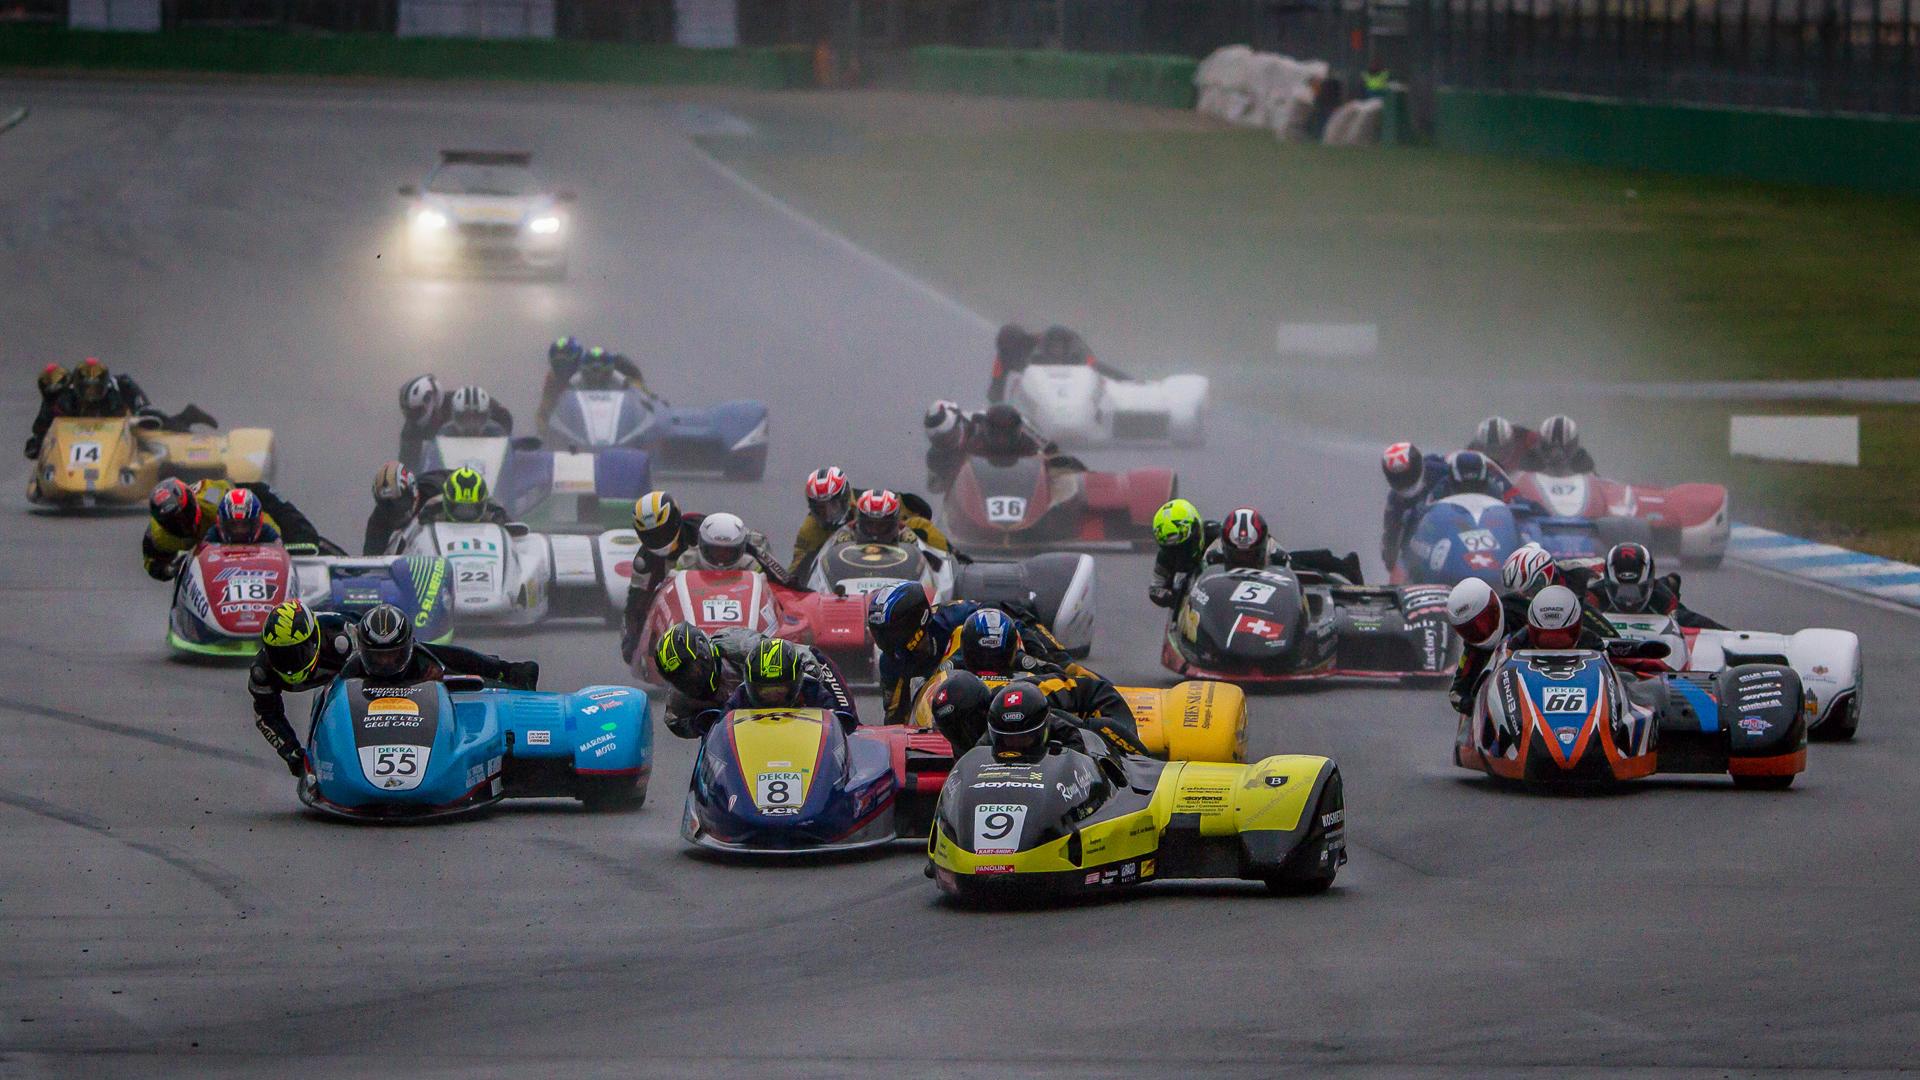 Bilder der Sidecars der IDM auf dem Hockenheimring